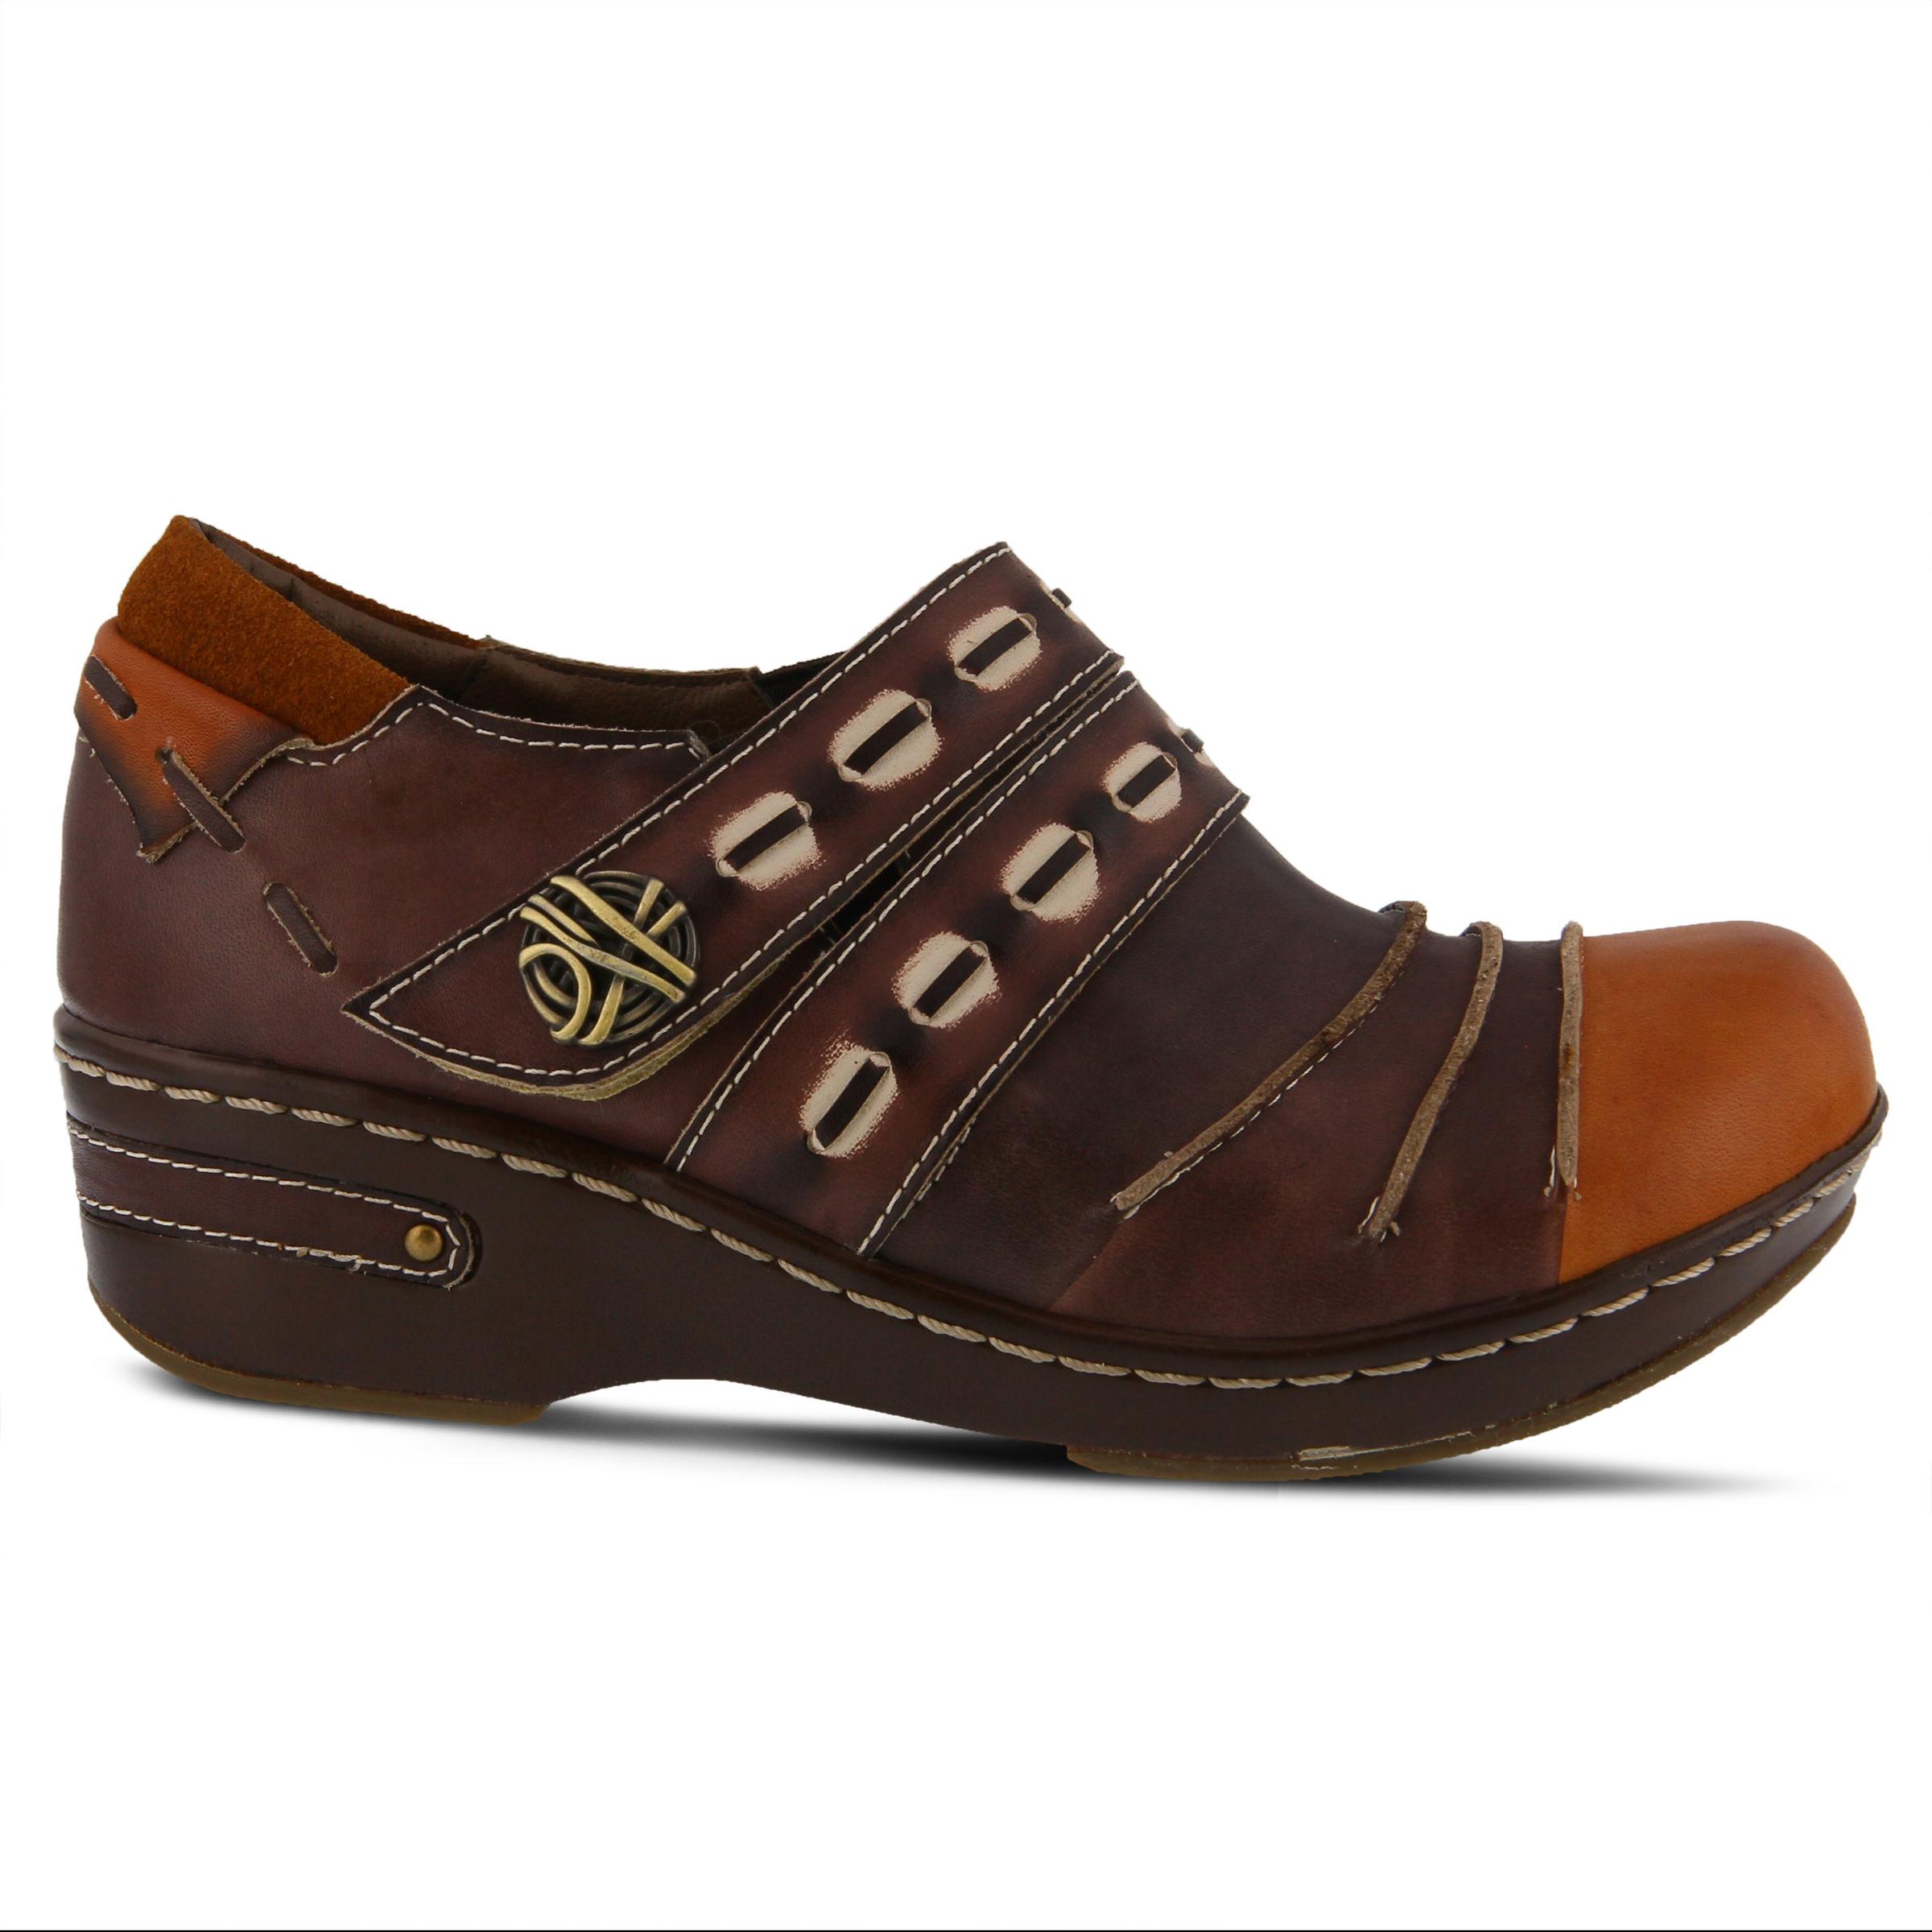 L'Artiste Sherbert Women's Shoe (Brown Leather)